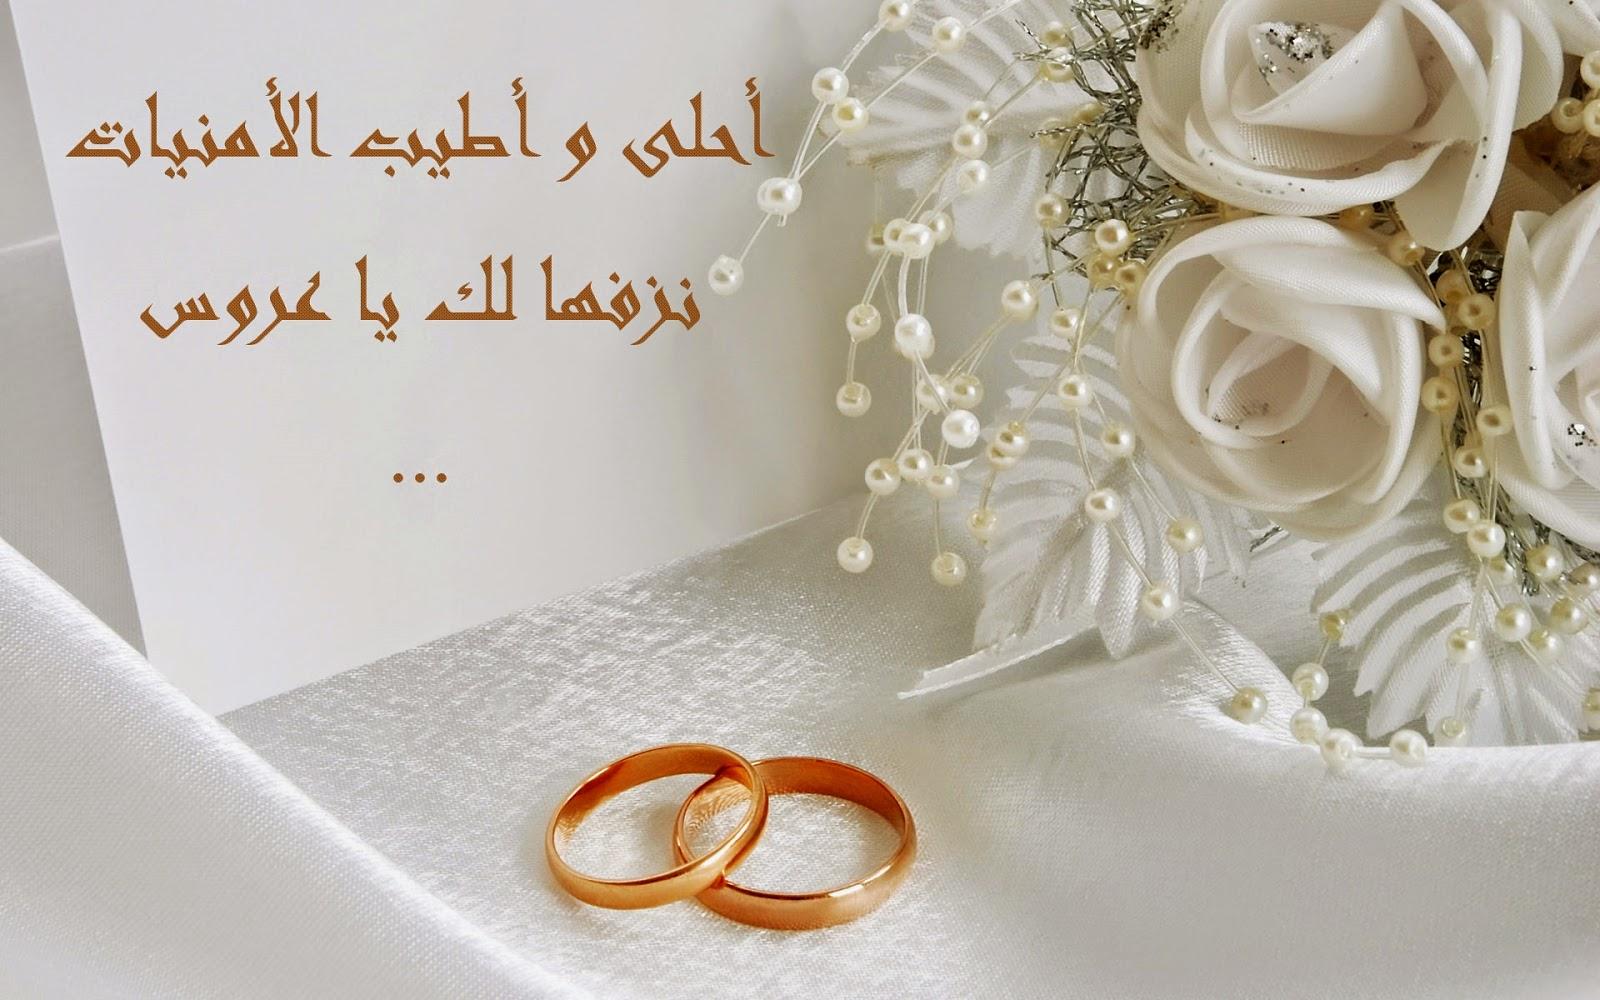 بالصور صور تهنئة زواج , الزواج من اسعد المناسبات التى نمر بيها 6718 10